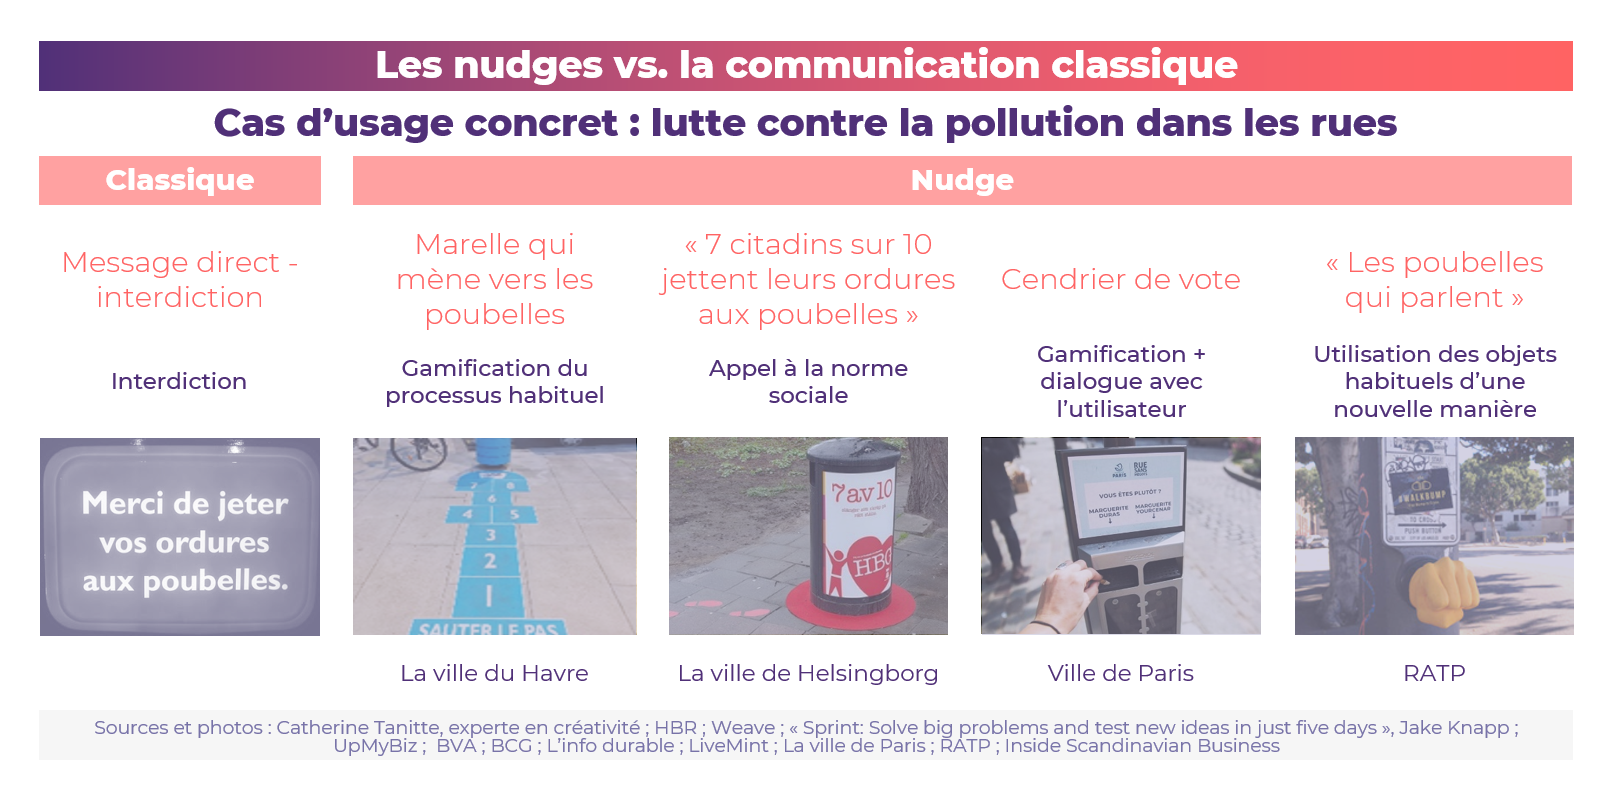 Comparaison des nudges avec la communication classique